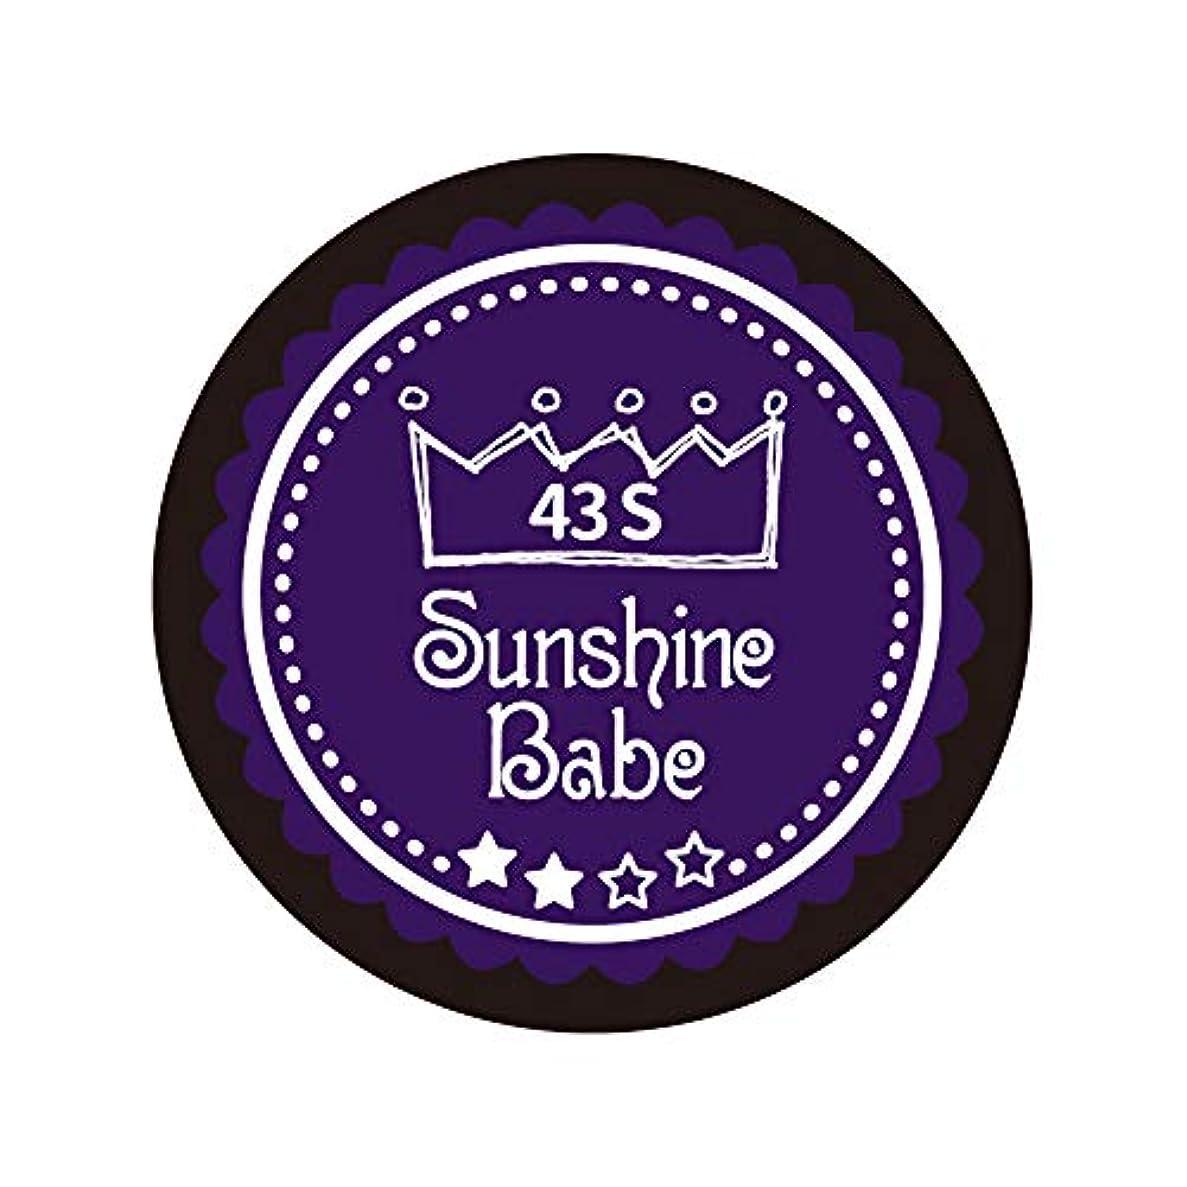 選択車株式会社Sunshine Babe カラージェル 43S オータムウルトラバイオレット 2.7g UV/LED対応